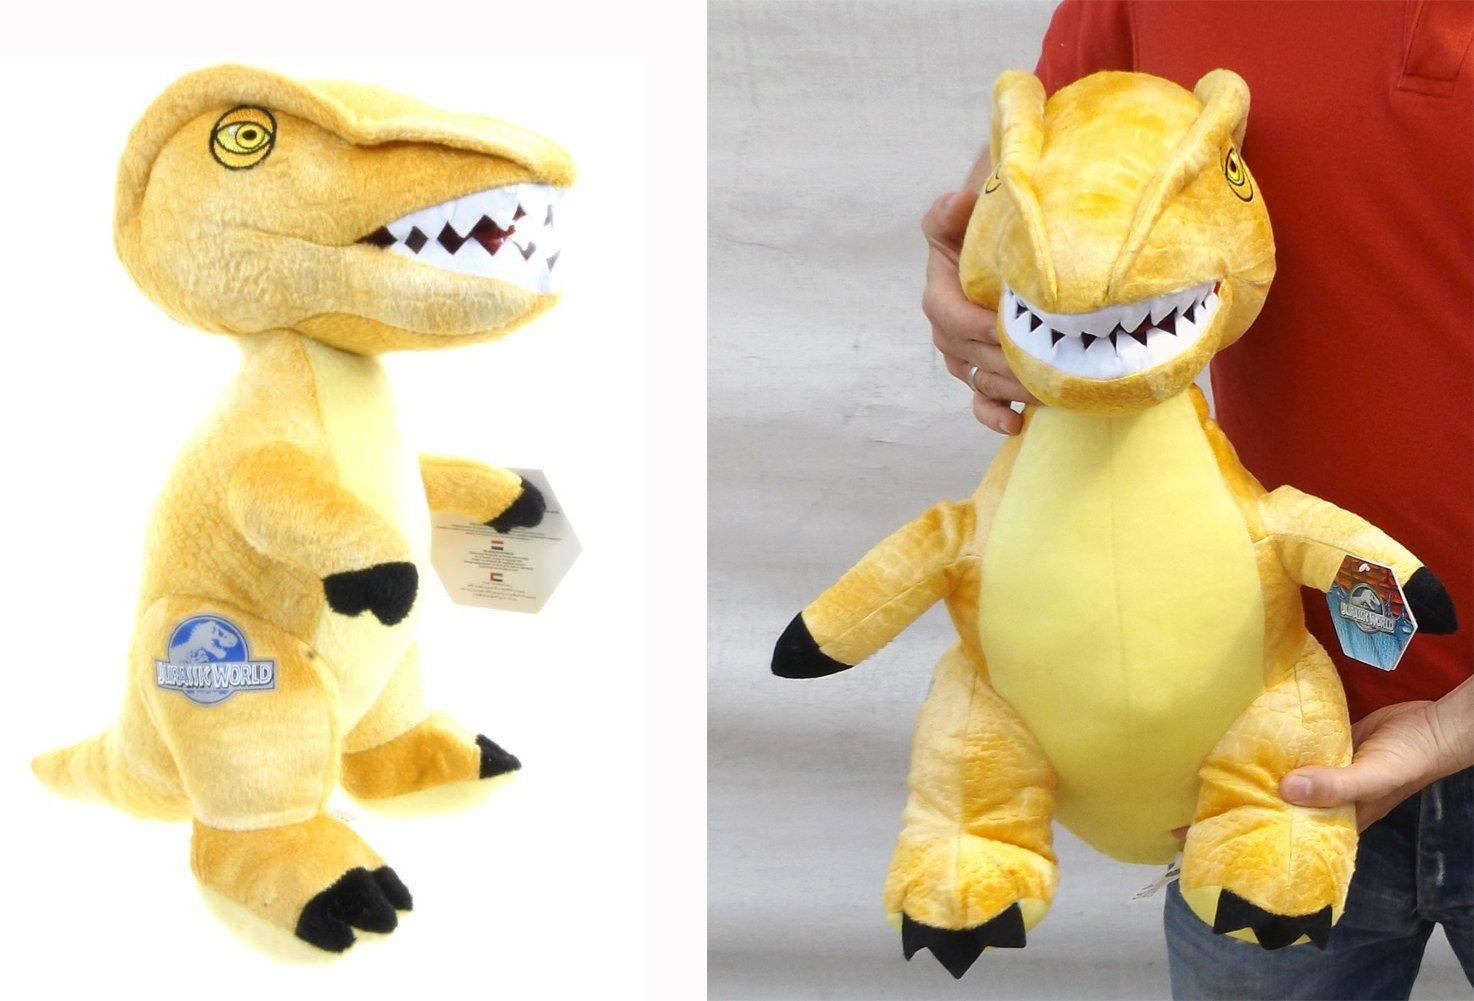 Brigamo 24017 – Jurassic World© gelber Velociraptor Plüsch DINOSAURIER IN XL GRÖßE! günstig online kaufen